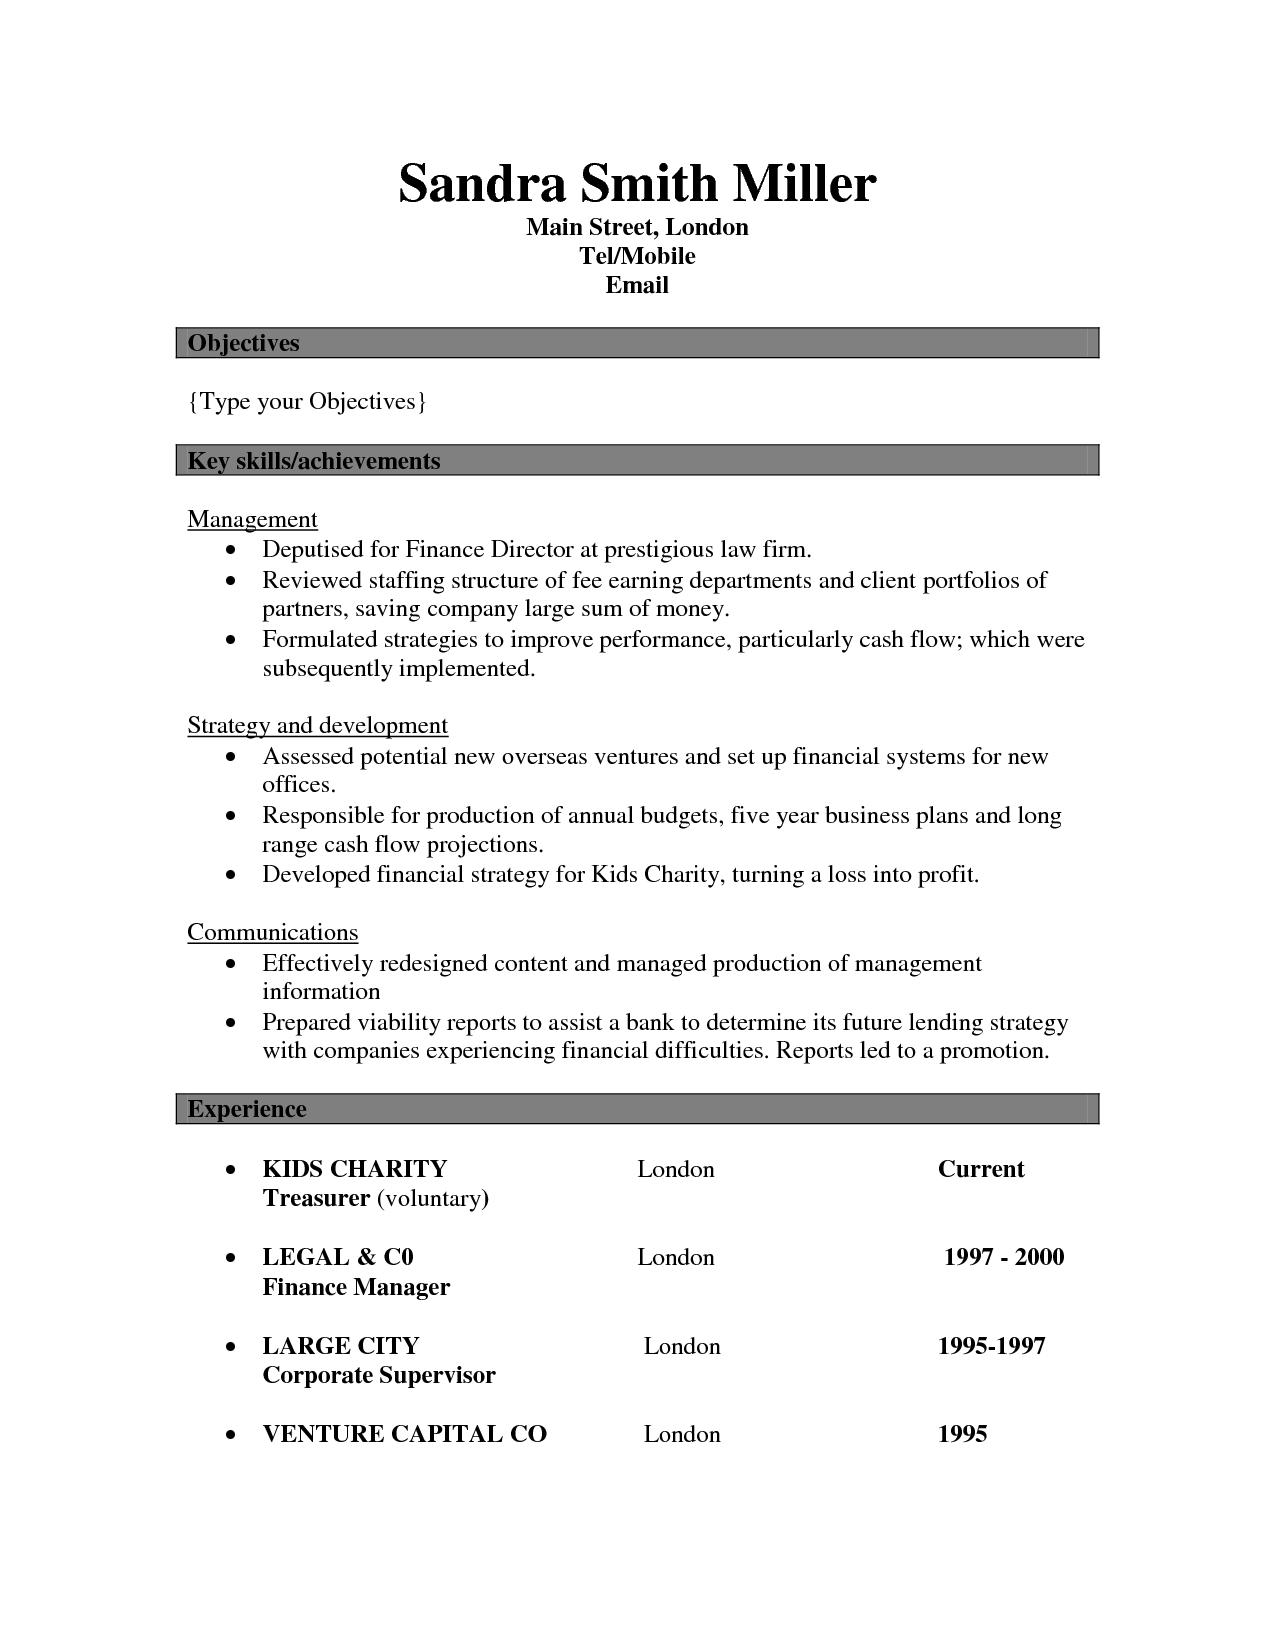 curriculum vitae key skills examples